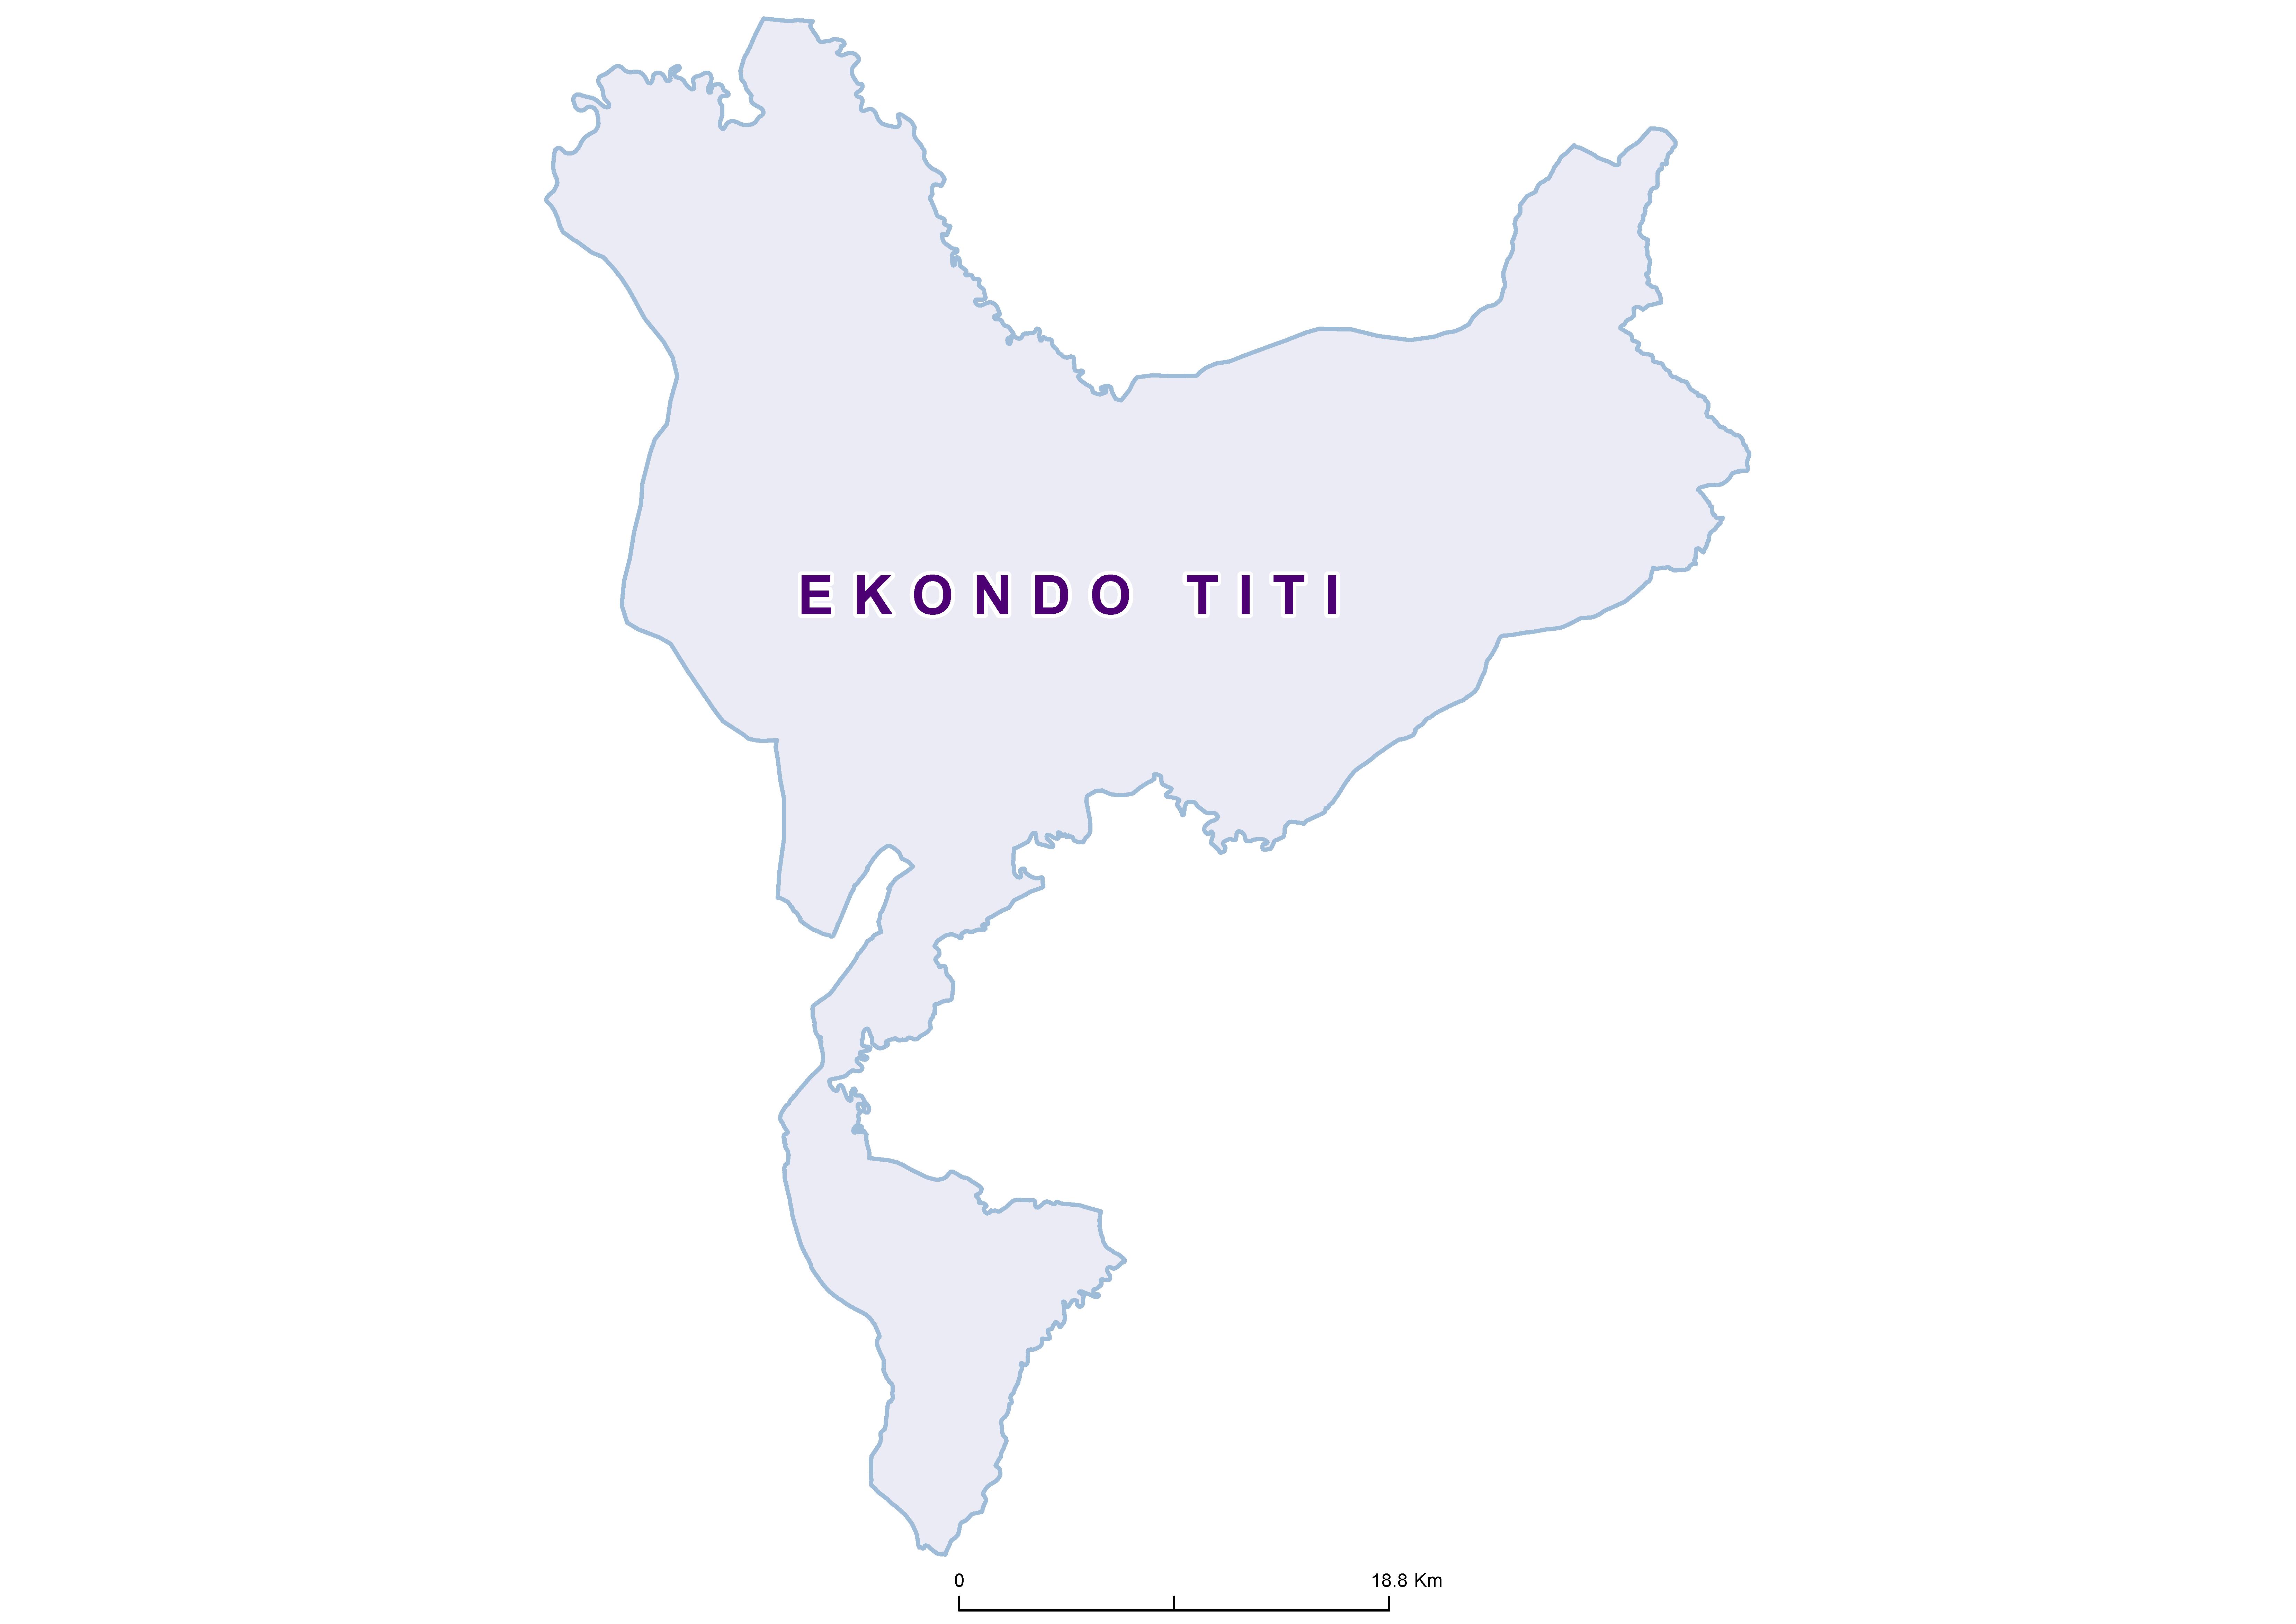 Ekondo titi Max SCH 20180001